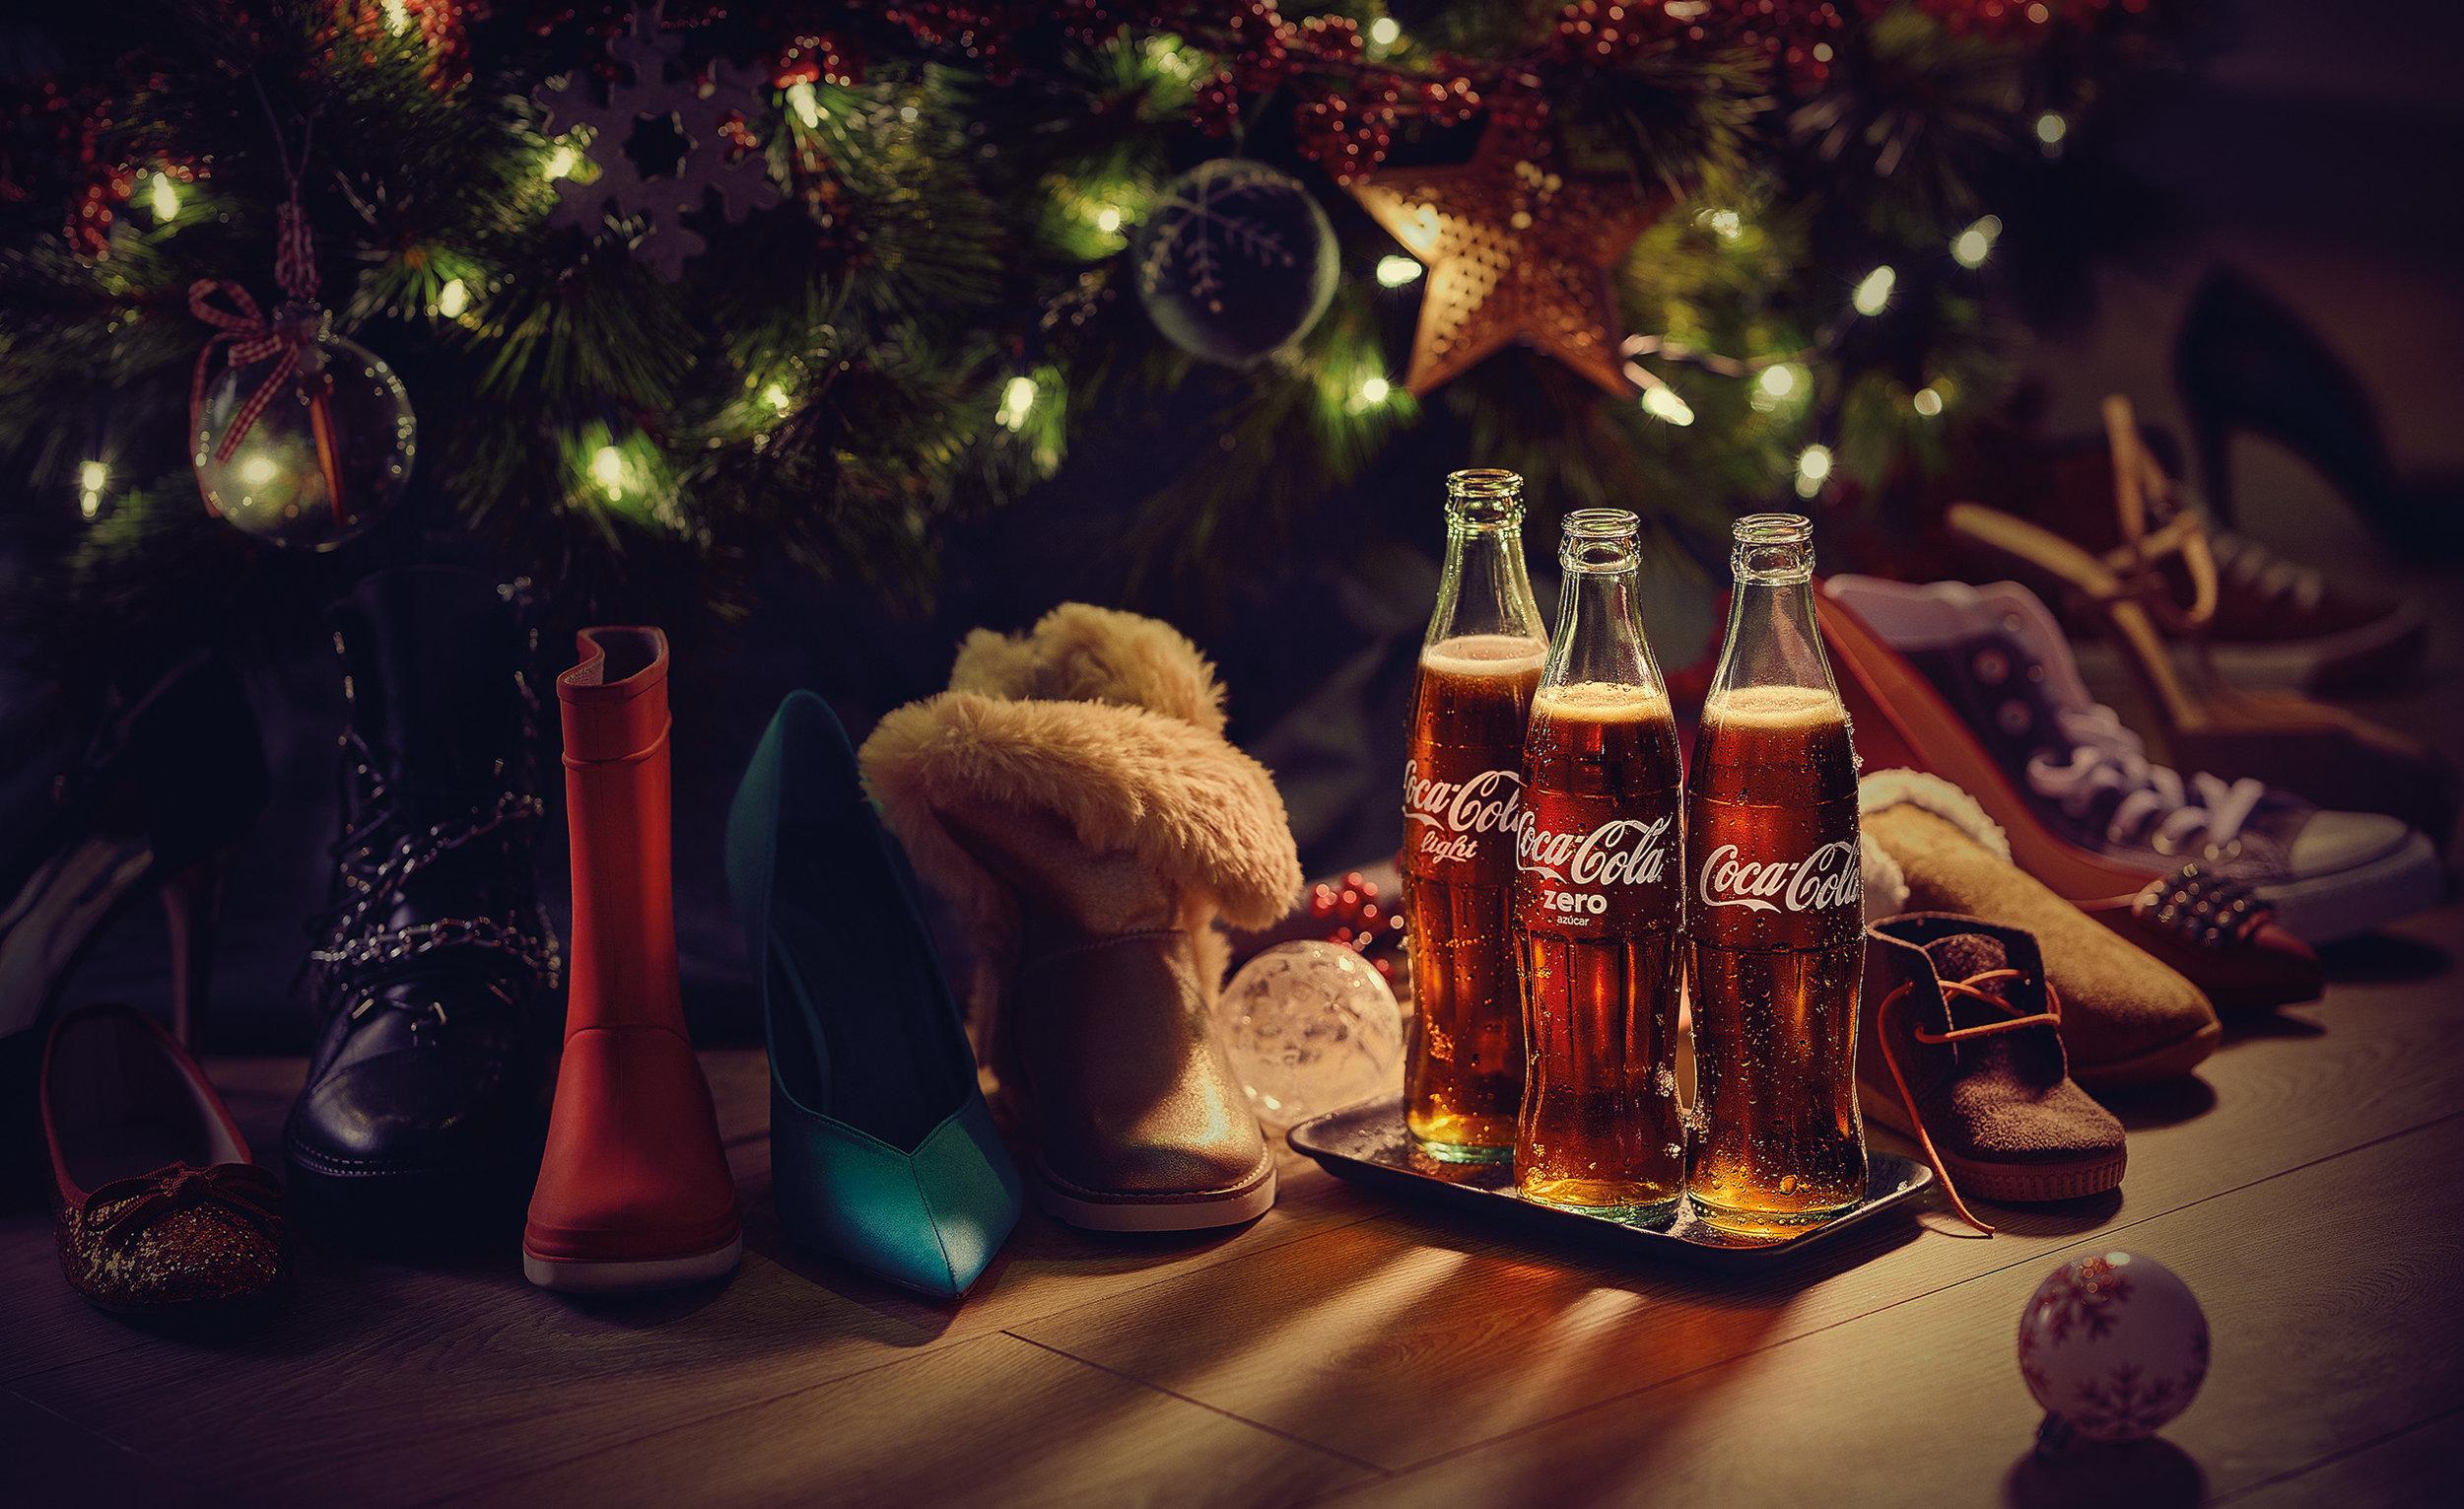 CocaCola navidad sart.jpg